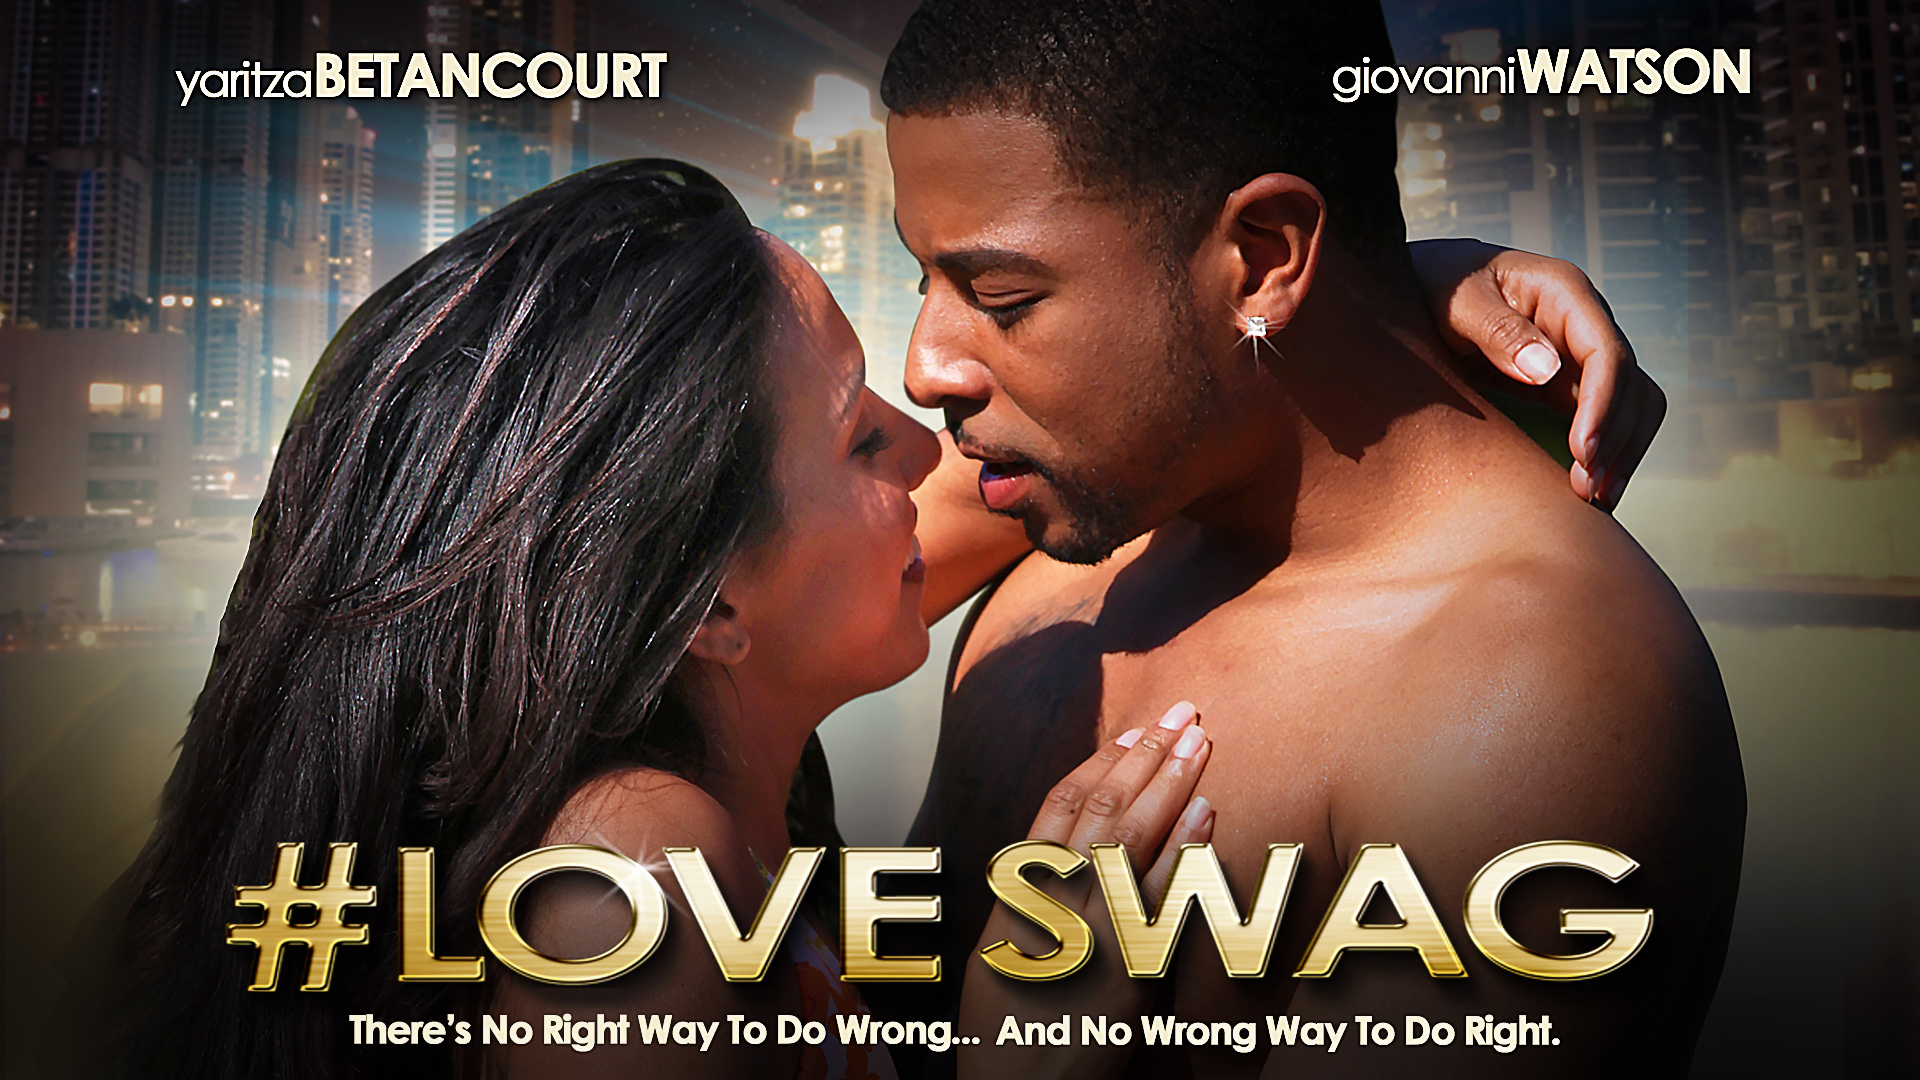 #LoveSwag